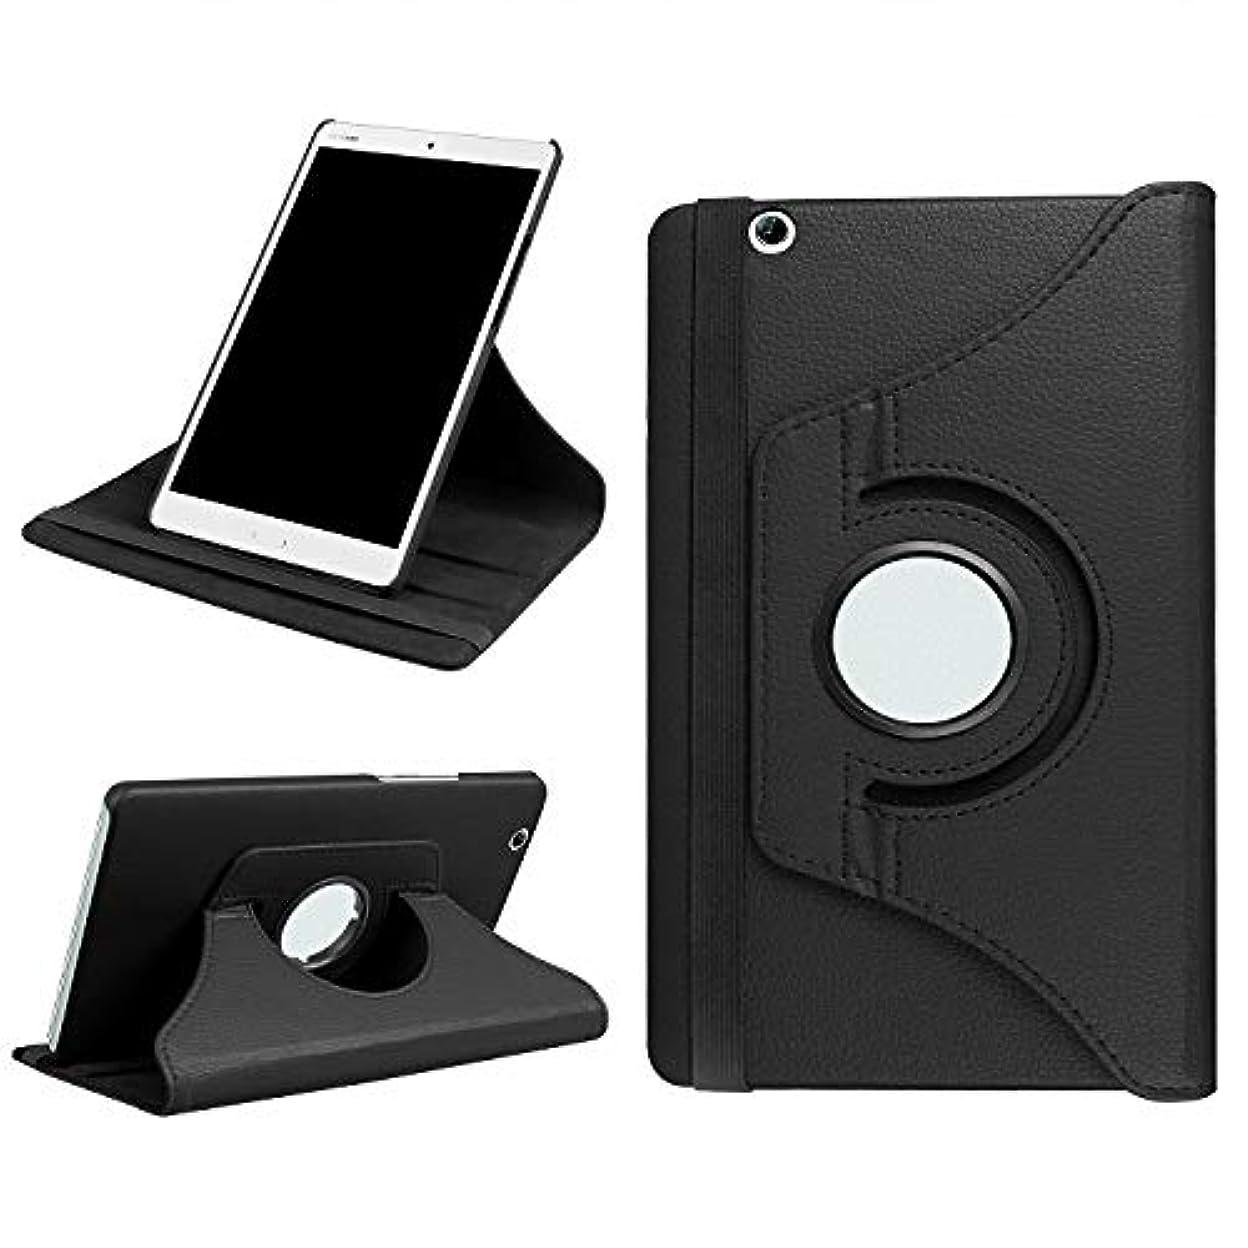 ヘッジ不承認マチュピチュwindykids 【保護フィルム 2枚 タッチペン付き】 amazon Fire HD 8 2018 ケース hd8 第8世代 カバー 黒 アマゾン キンドルファイア 2018年秋モデル スタンドケース 360度回転式 スタンド タブレットケース 2017 第7世代 タブレットケース Kindle-Fire-HD8,黒(4set)